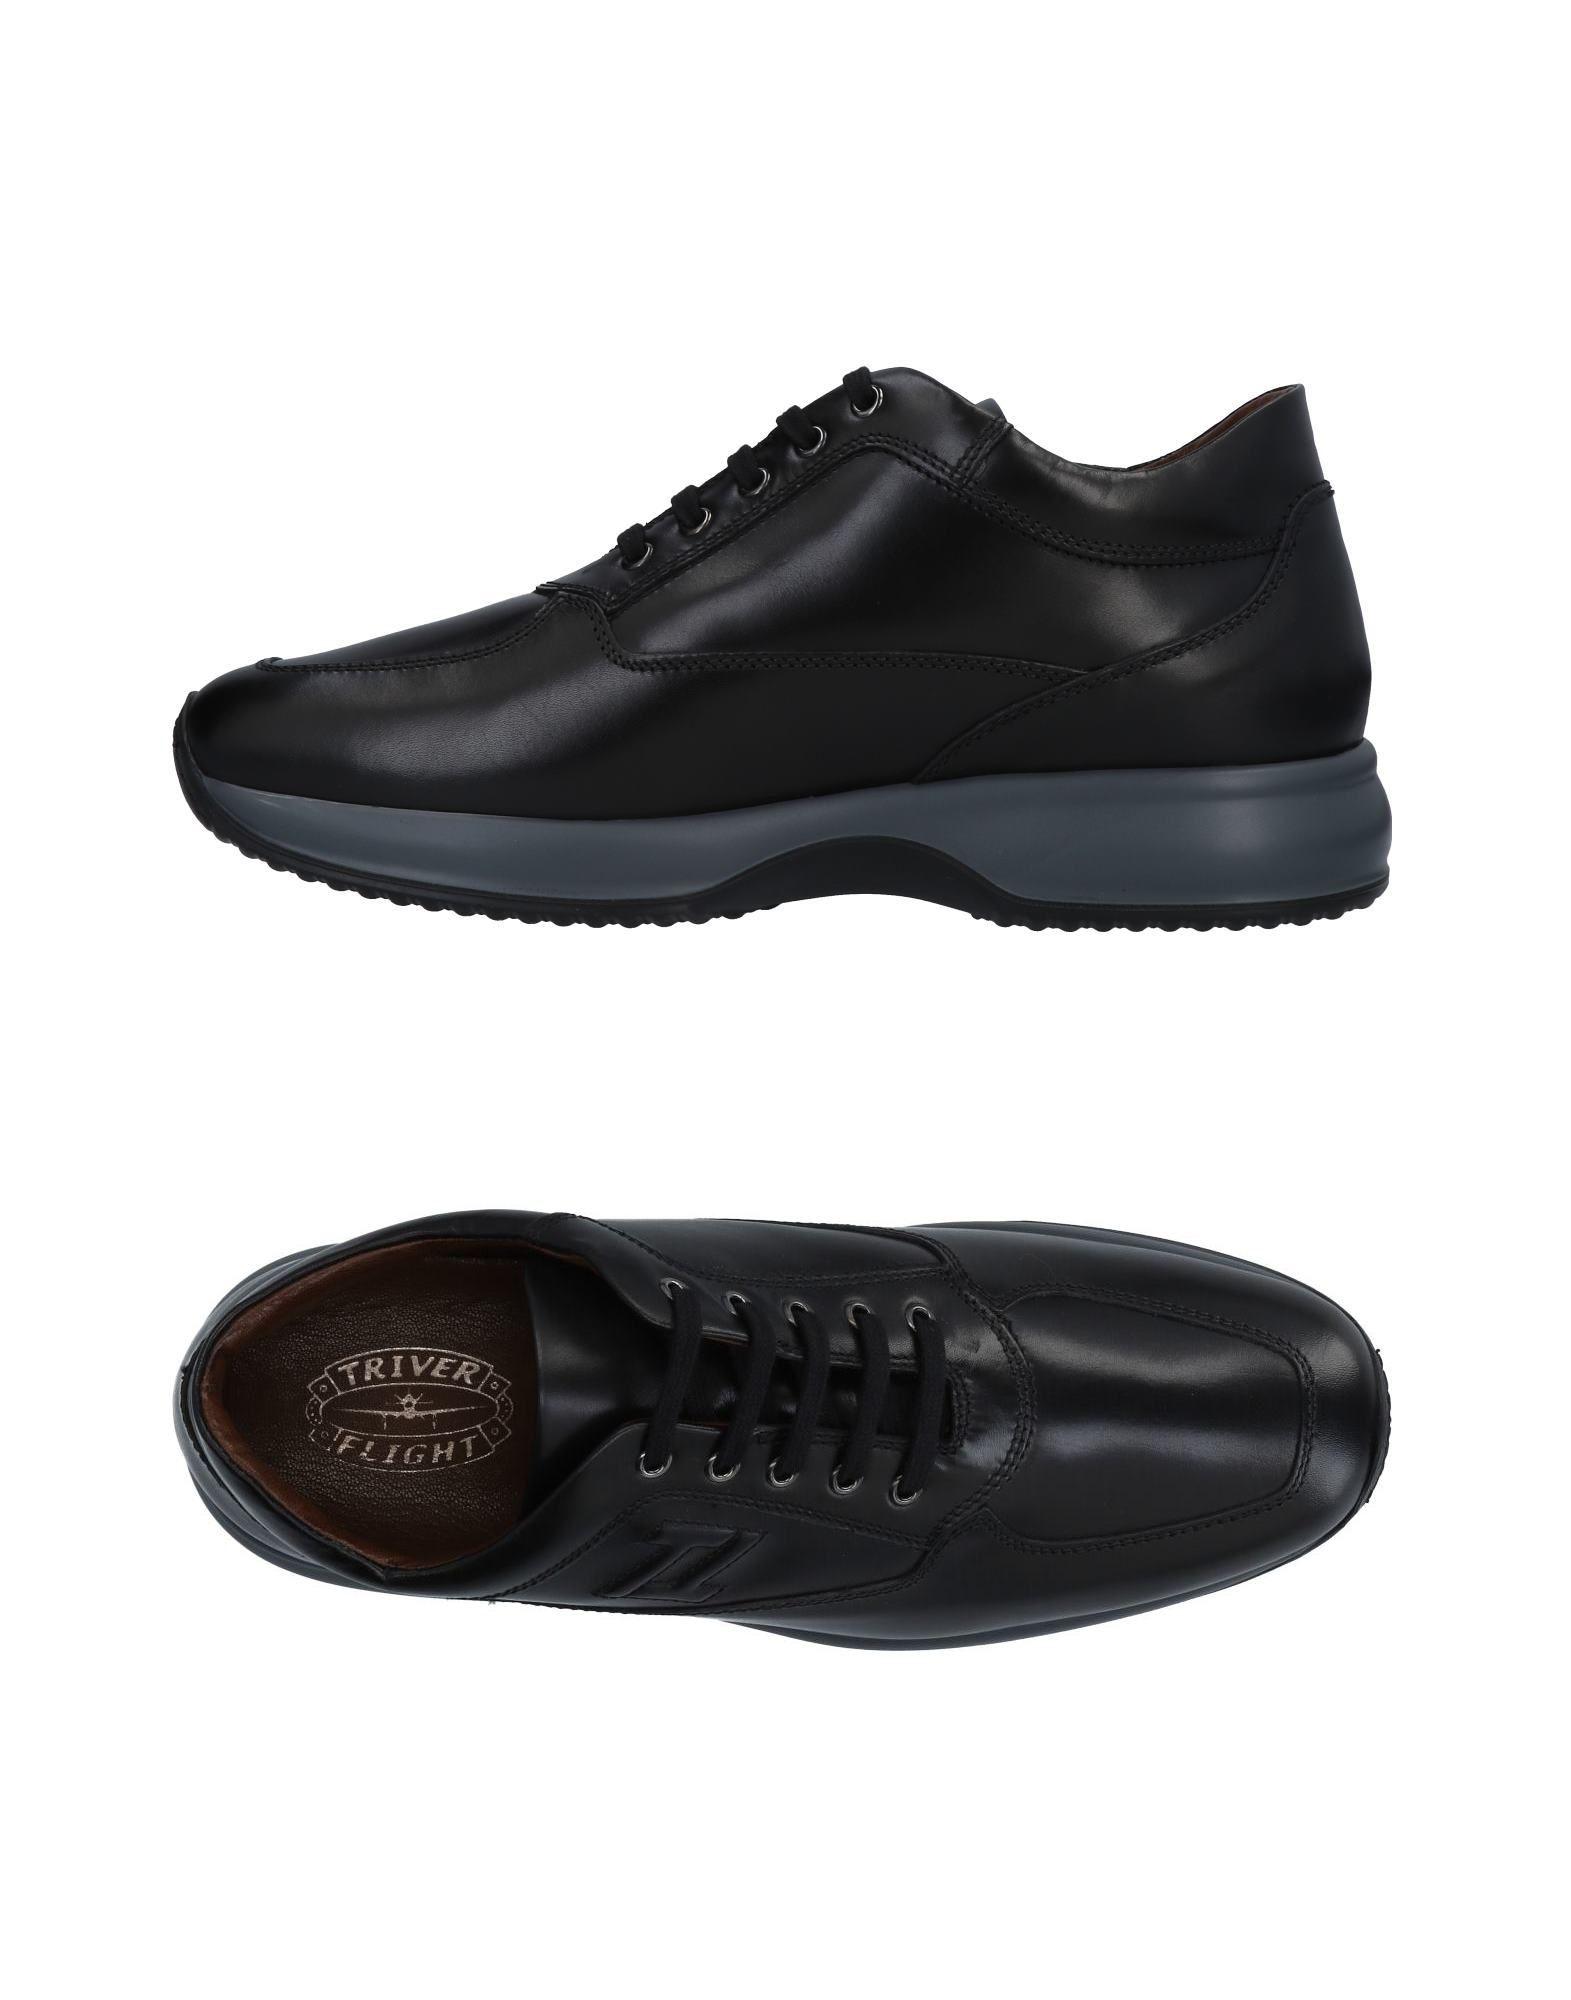 Sneakers Triver Flight Uomo - 11481525IJ